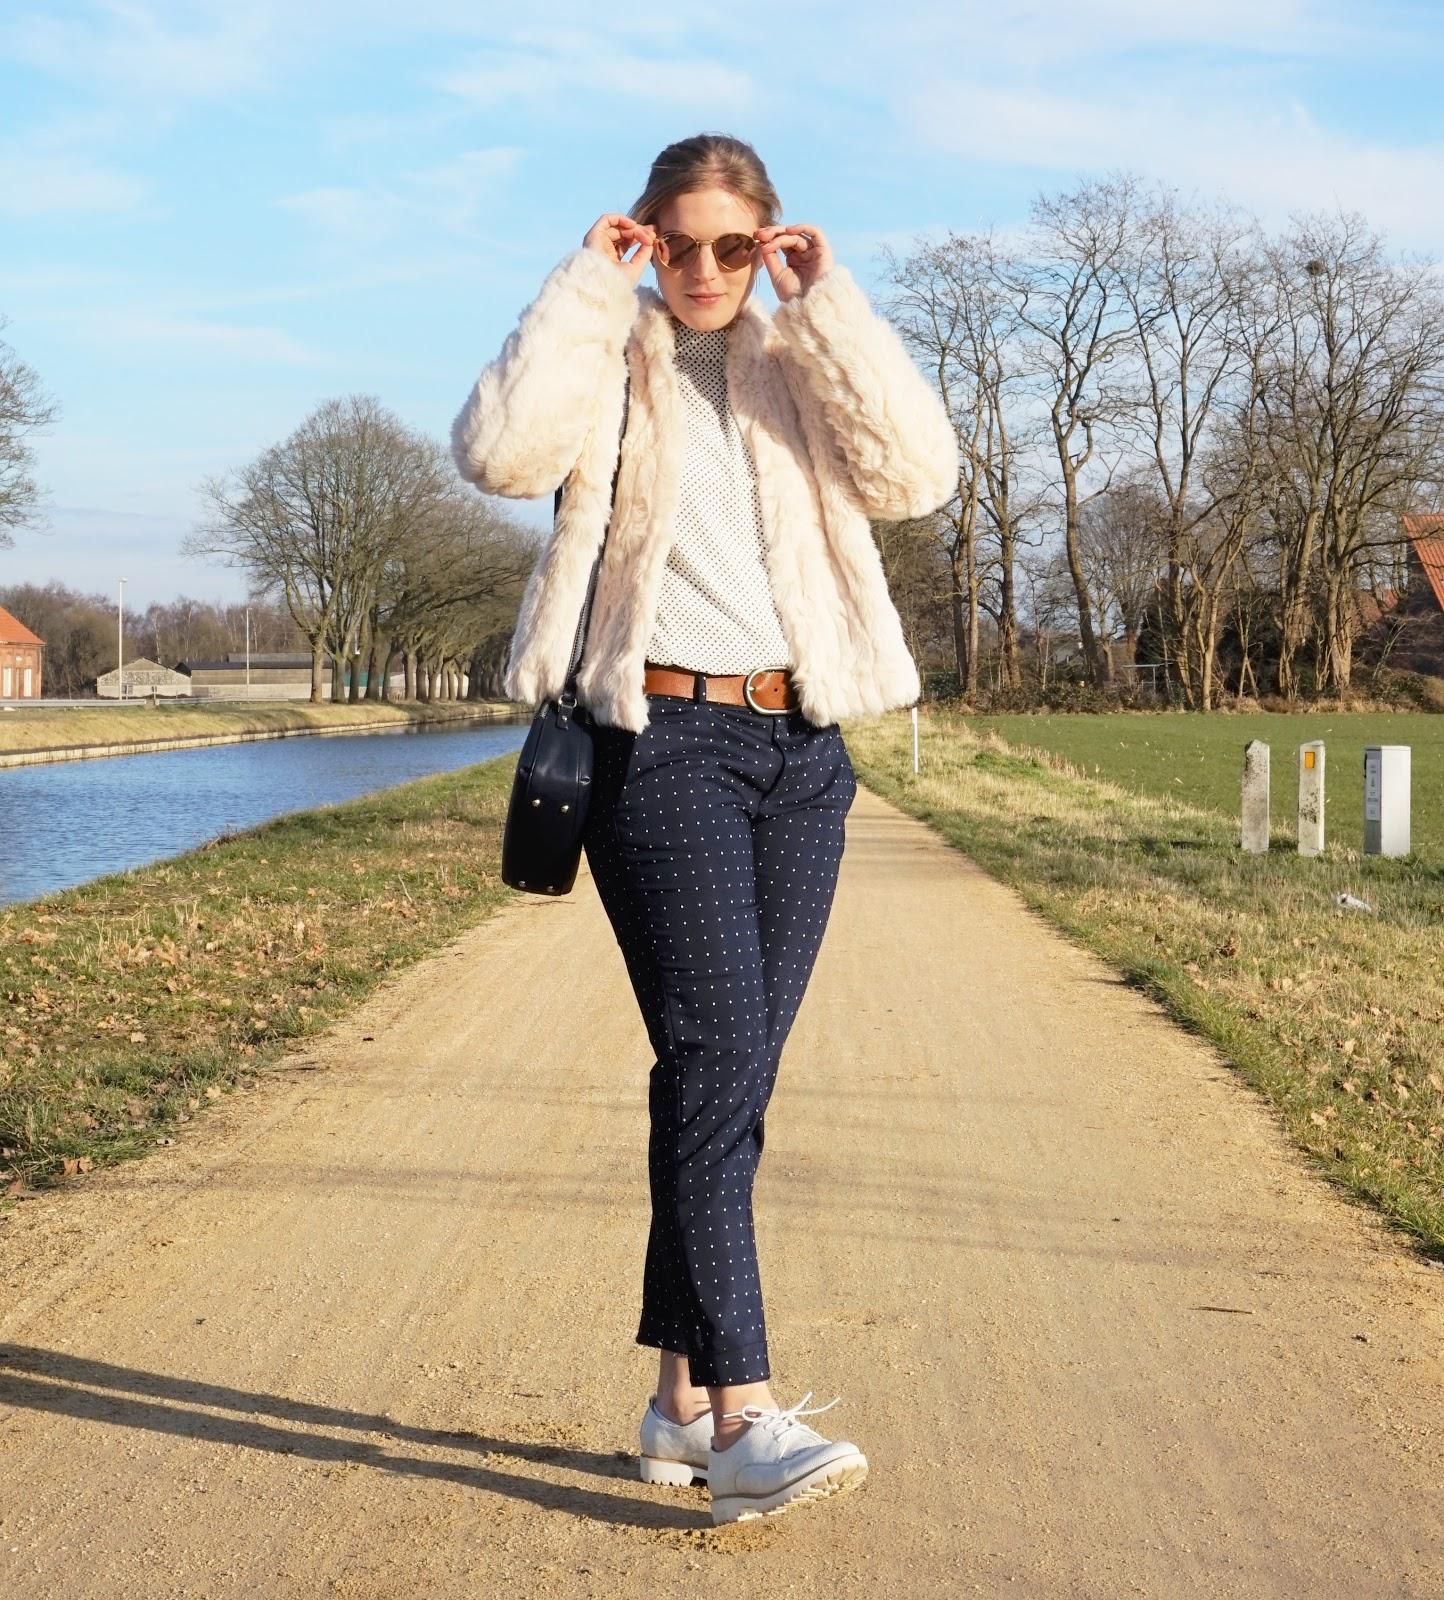 DSC03946 | Eline Van Dingenen